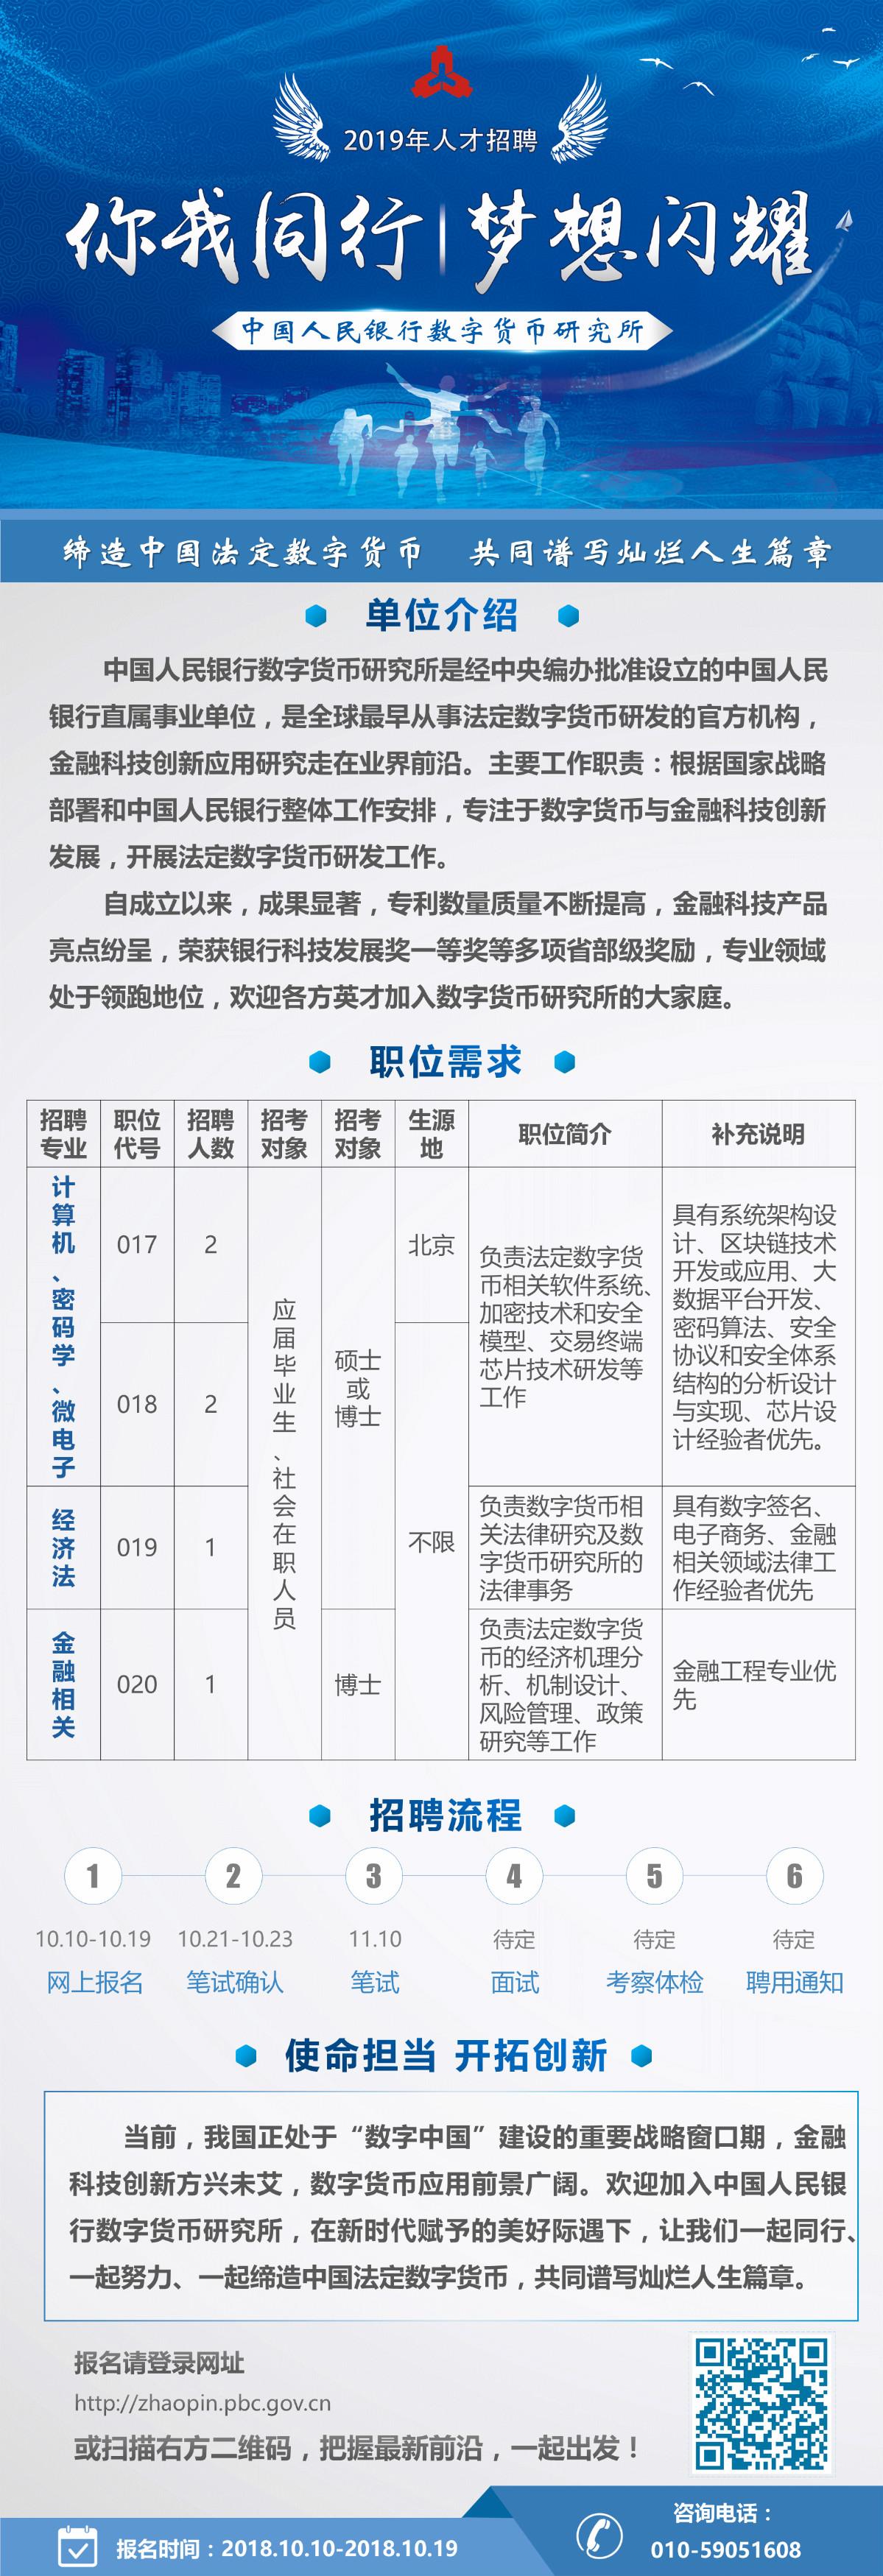 央行正在寻找数字货币专家,公开招聘4名人才